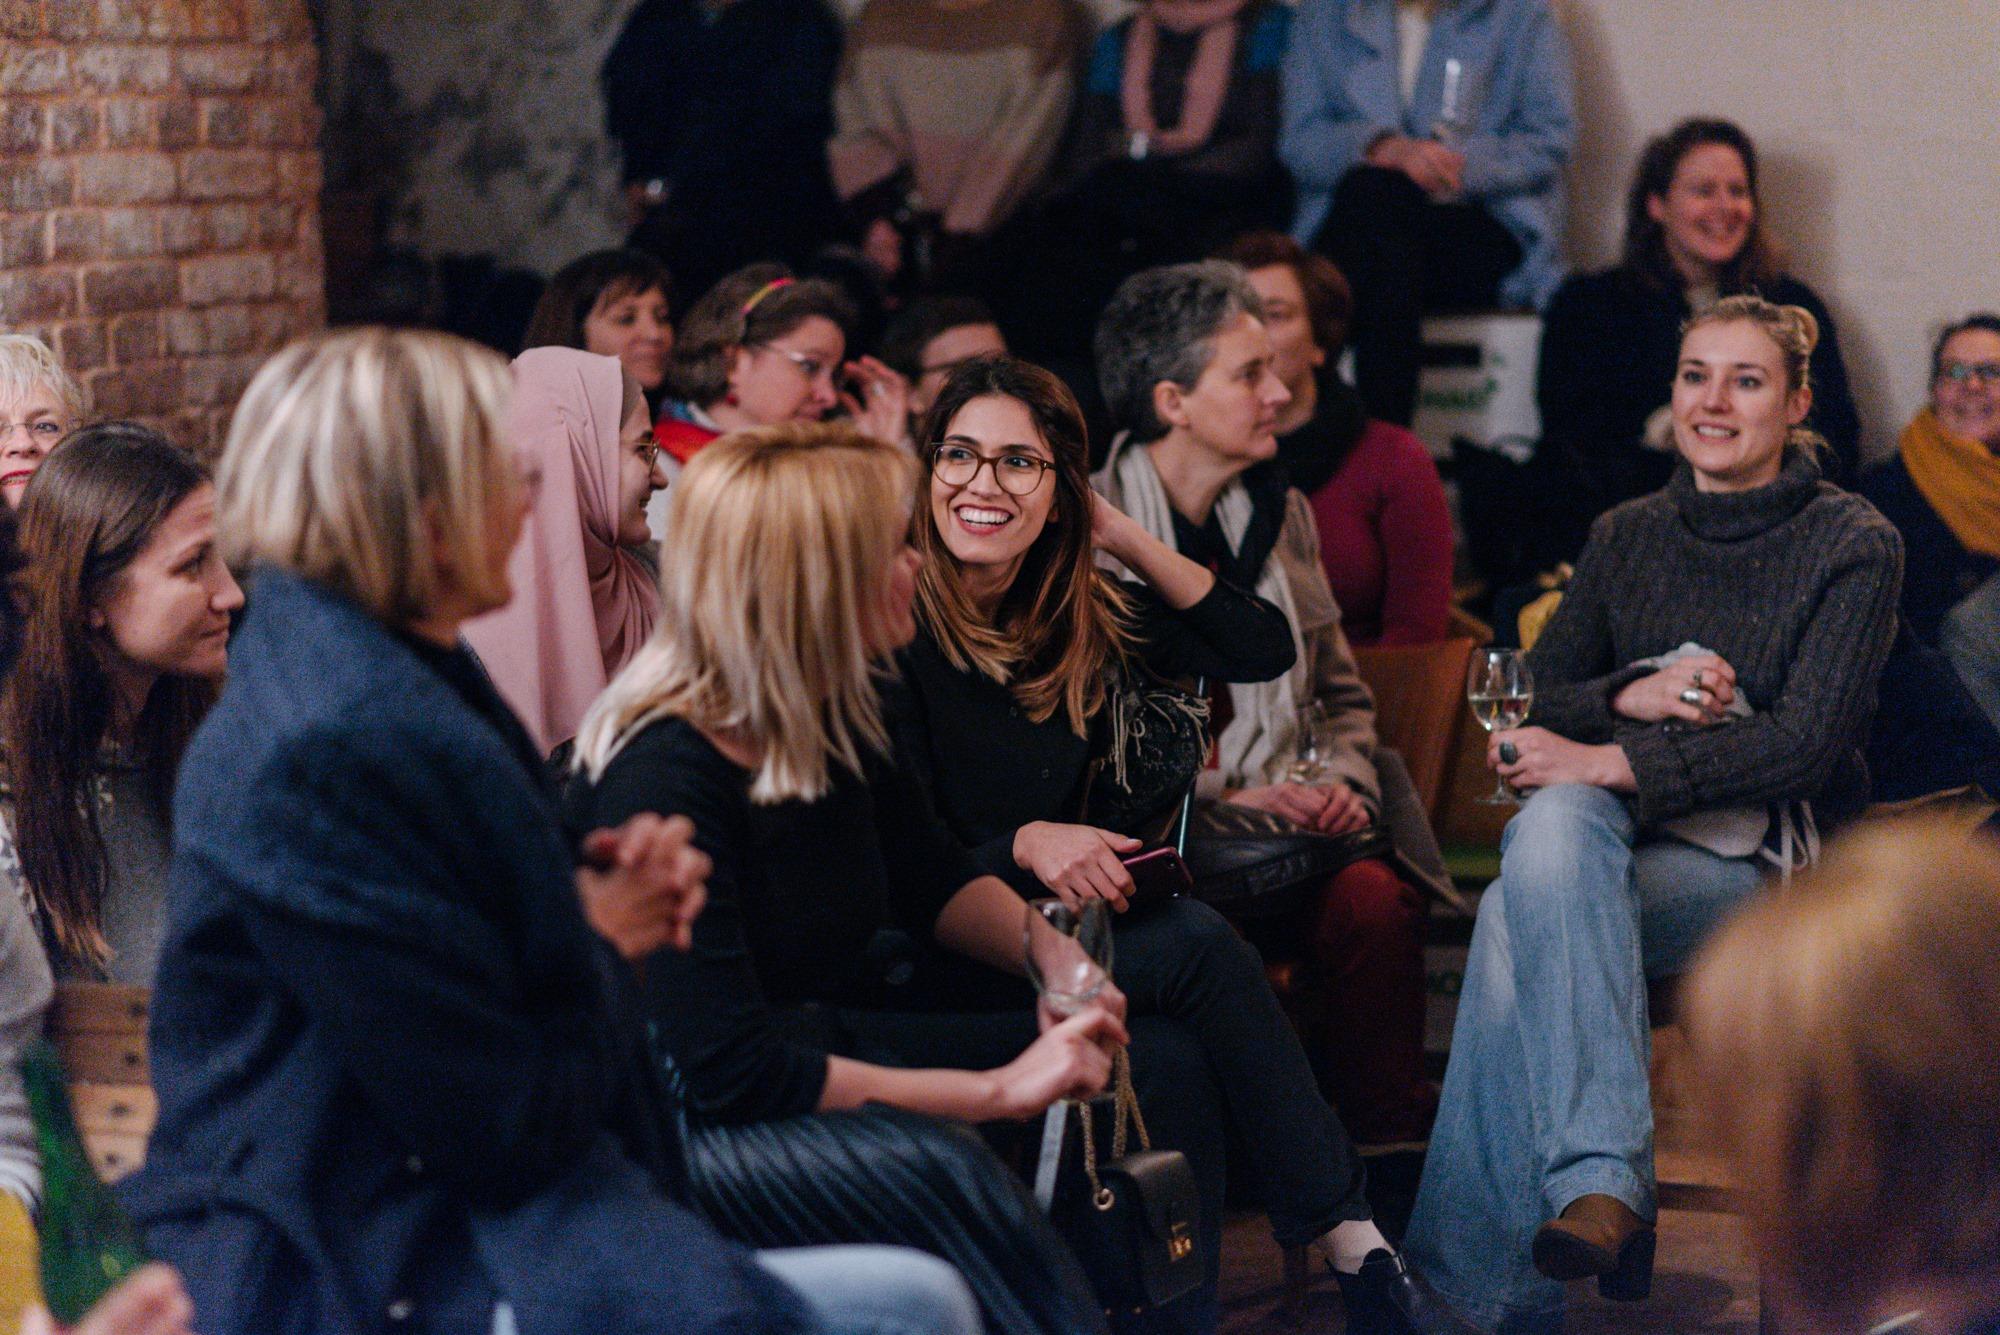 Bei der Mitgliederversammlung treffen sich Frauen um sich untereinander auszutauschen und zu vernetzen. -Fotocredits: Julia Dragosits/Sorority